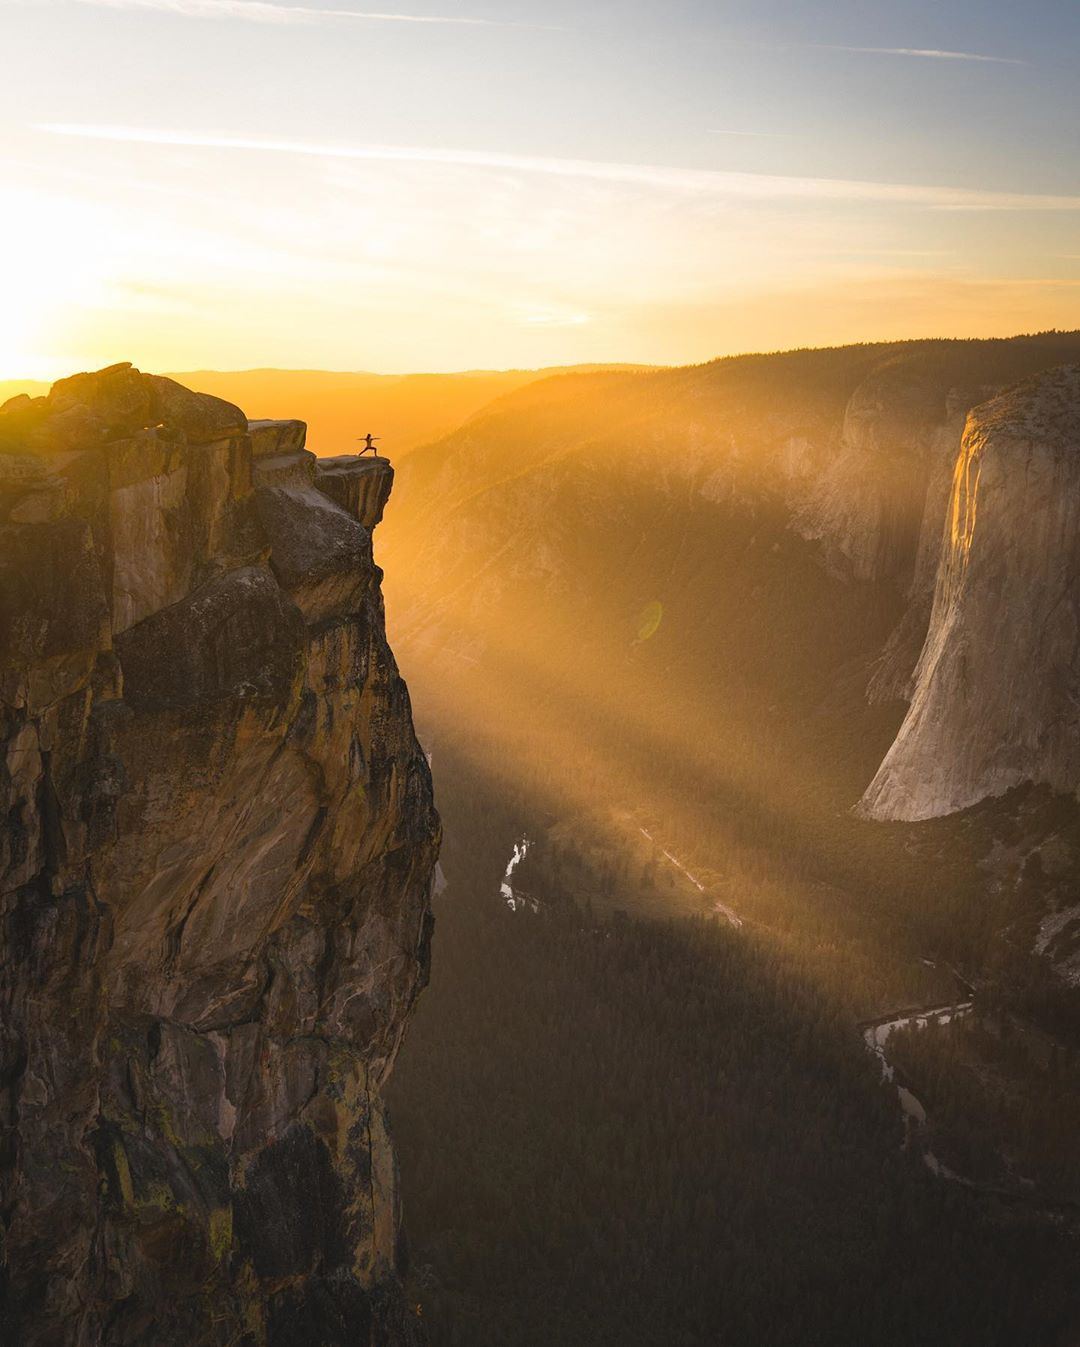 Потрясающие снимки из путешествий Нейта Люббе